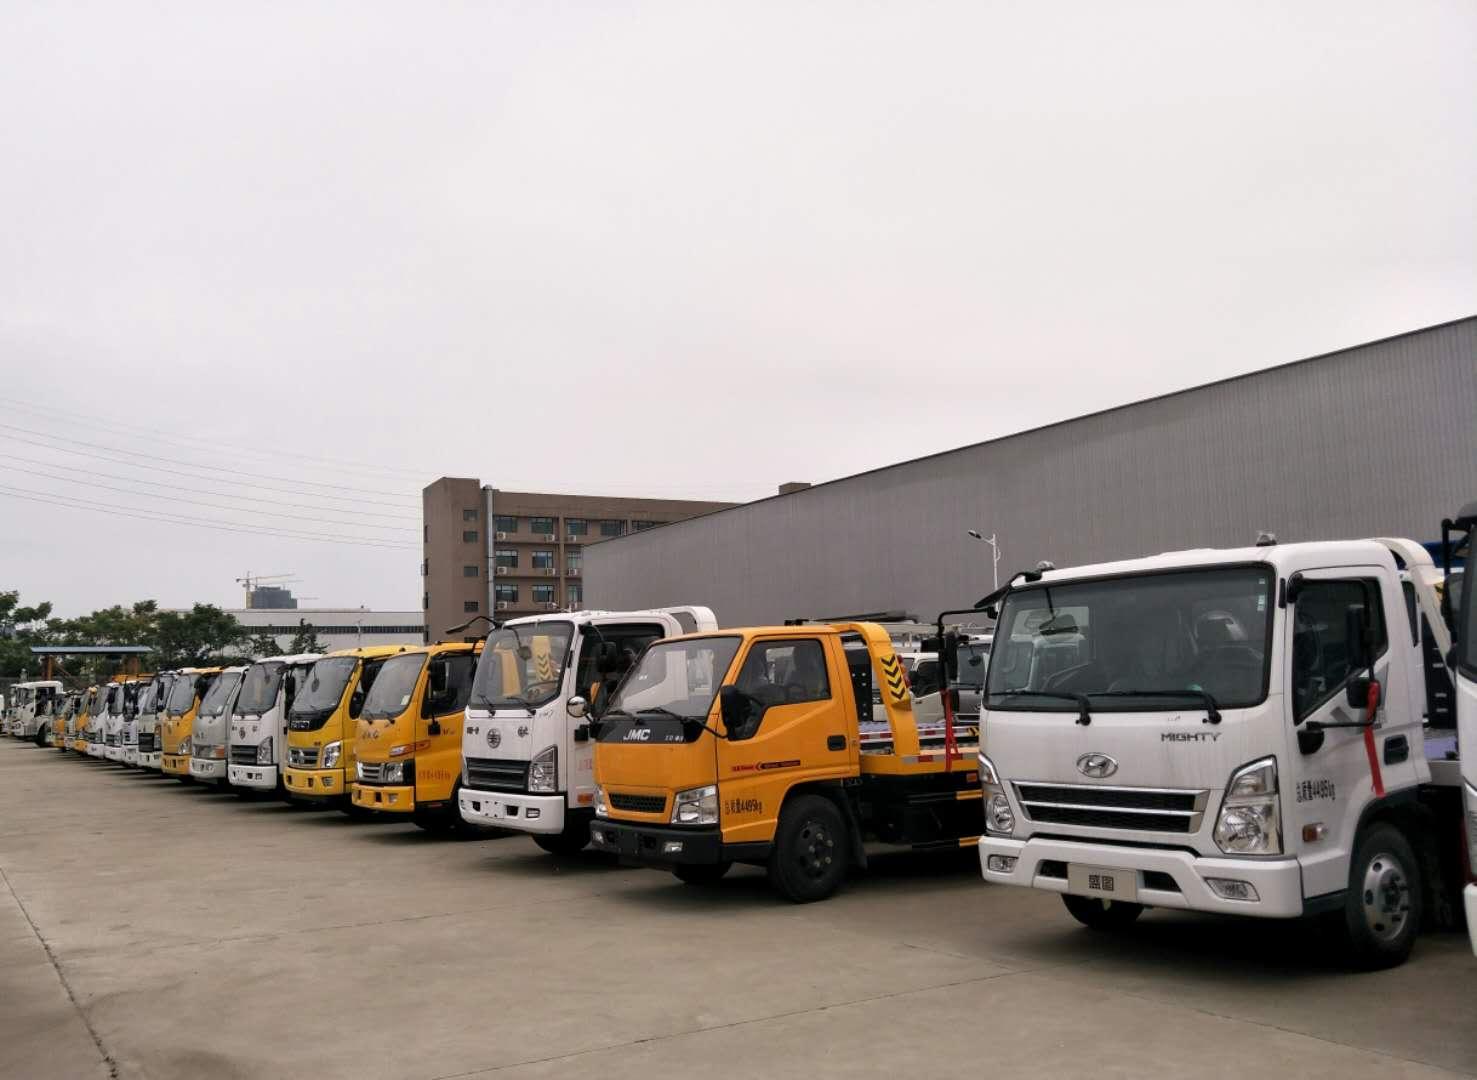 湖北省第七环境保护督察组进驻随州 急需清障车怎么办?